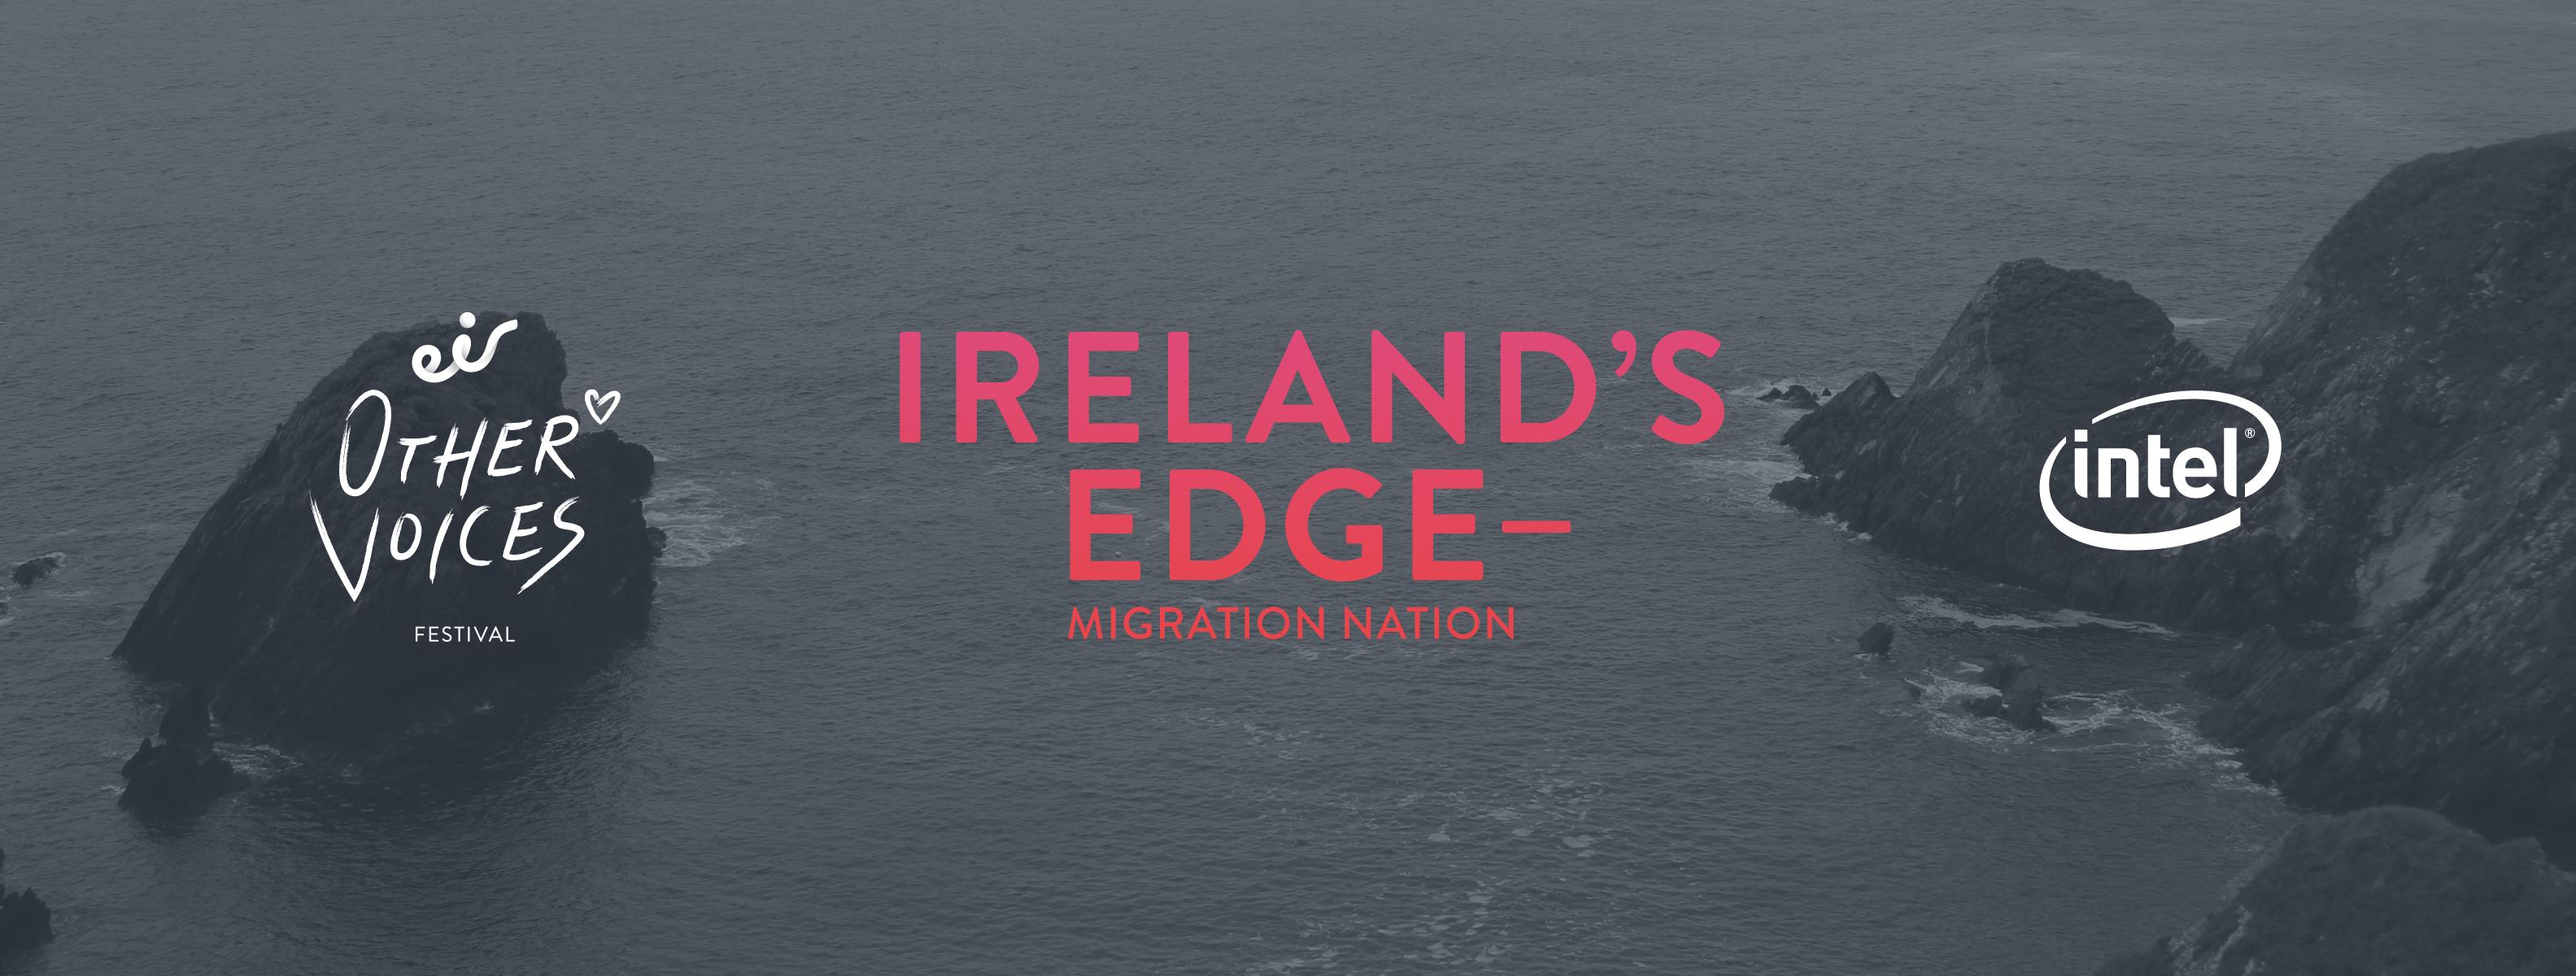 Ireland's Edge 2017